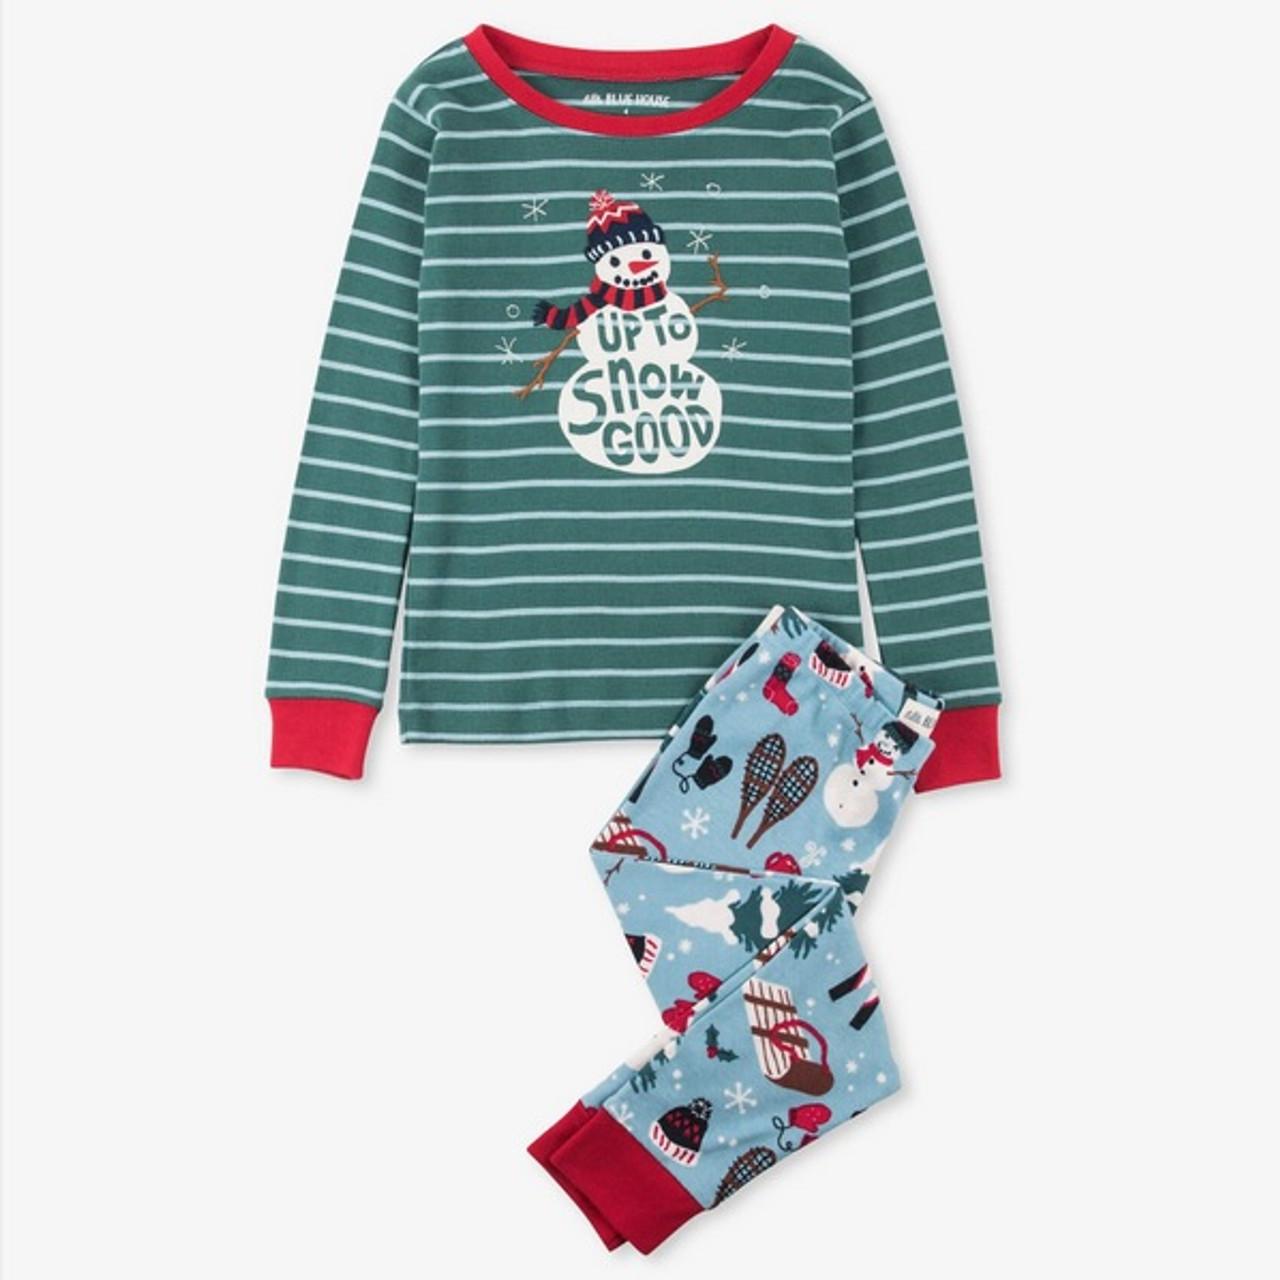 Boys Christmas Pajamas.Vintage Holiday Kids Christmas Pajamas Blue